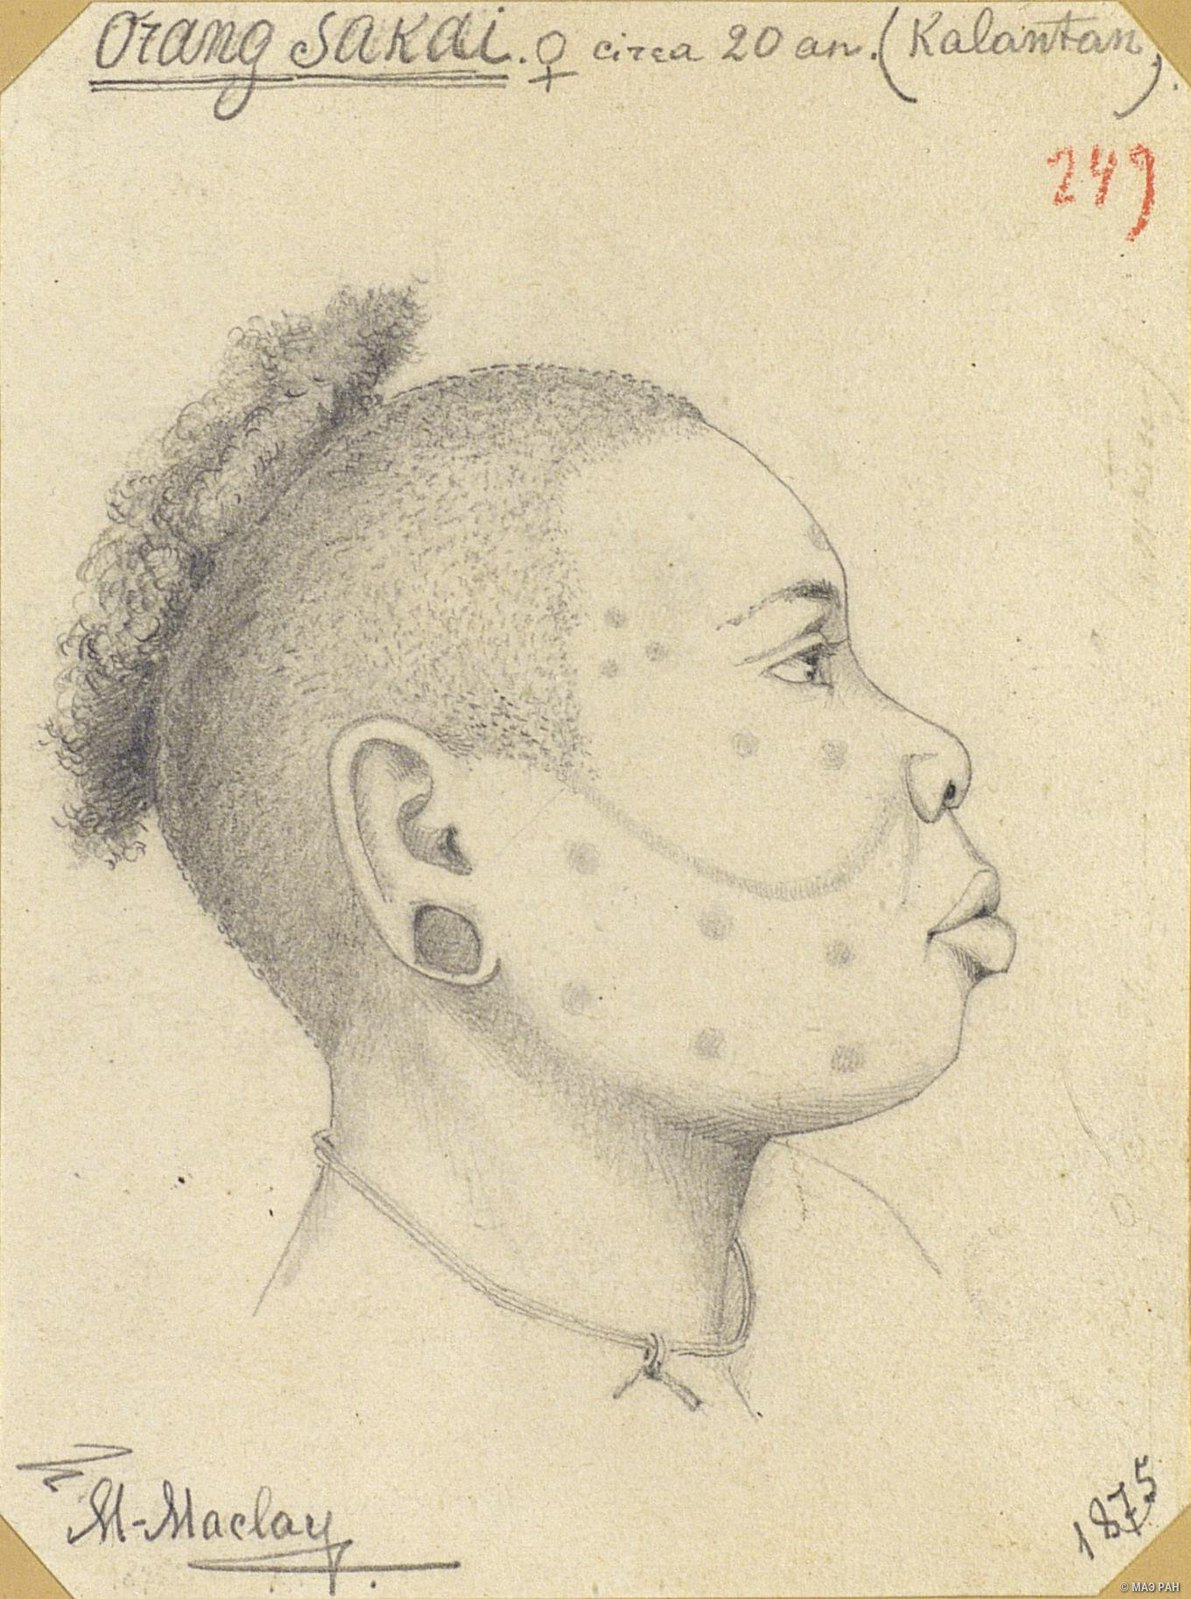 1875. Портрет в профиль женщины оранг-сакай в возрасте около 20 лет. Сакаи.